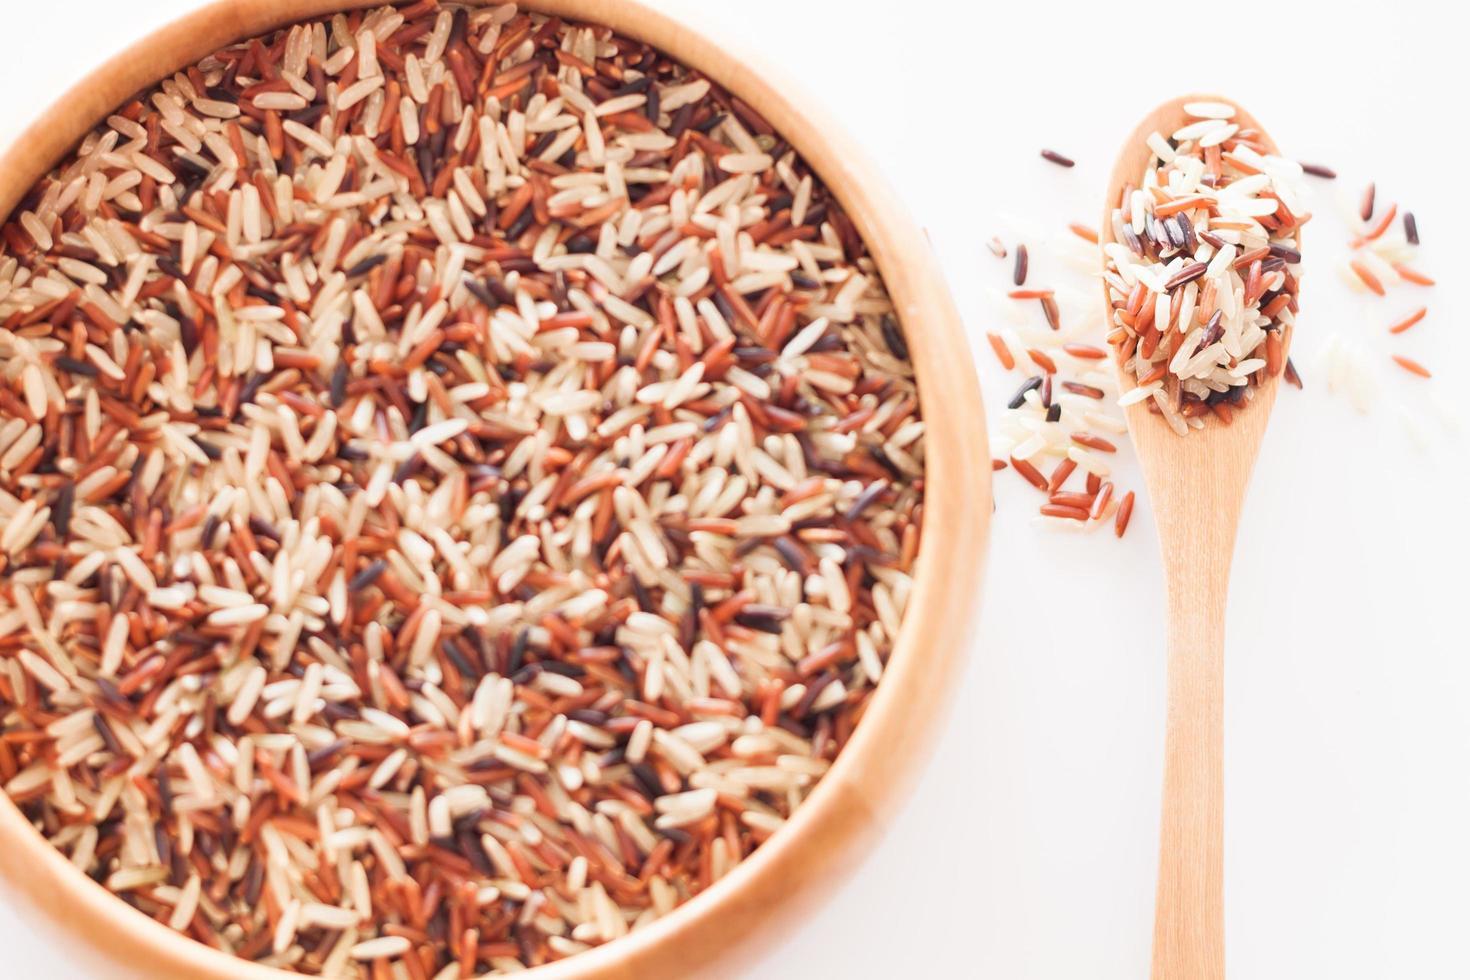 vue de dessus du riz dans un bol photo